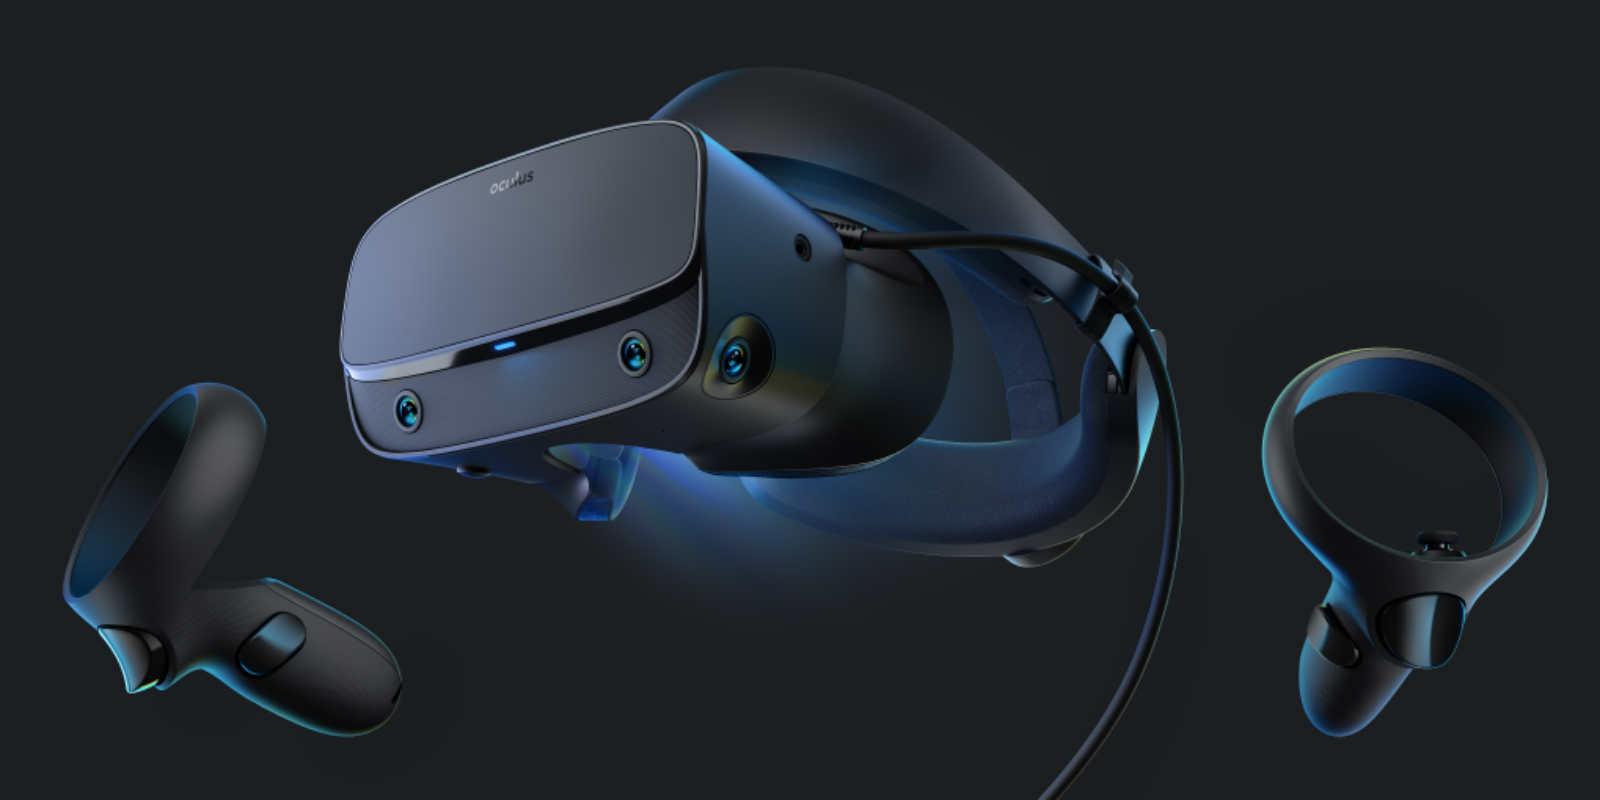 headset vr oculus rift s